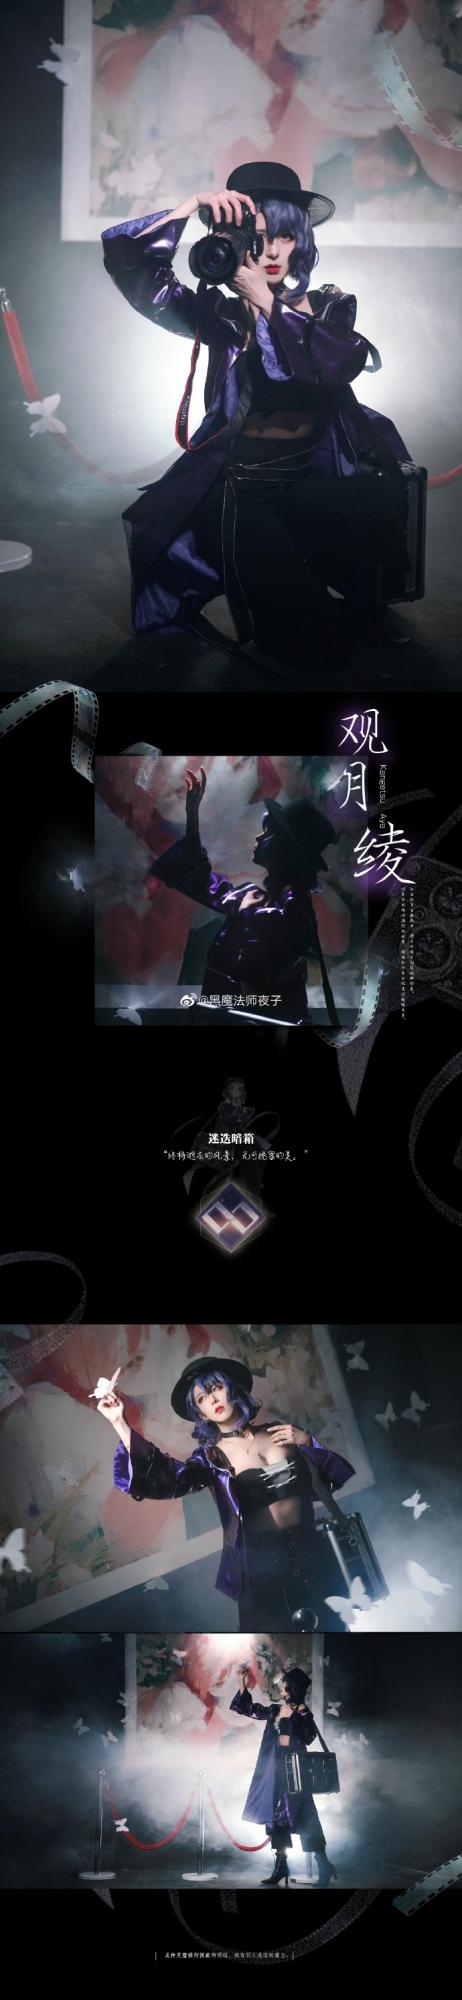 永远的7日之都   迷蝶 观月绫   @黑魔法师夜子 (9P)-第9张